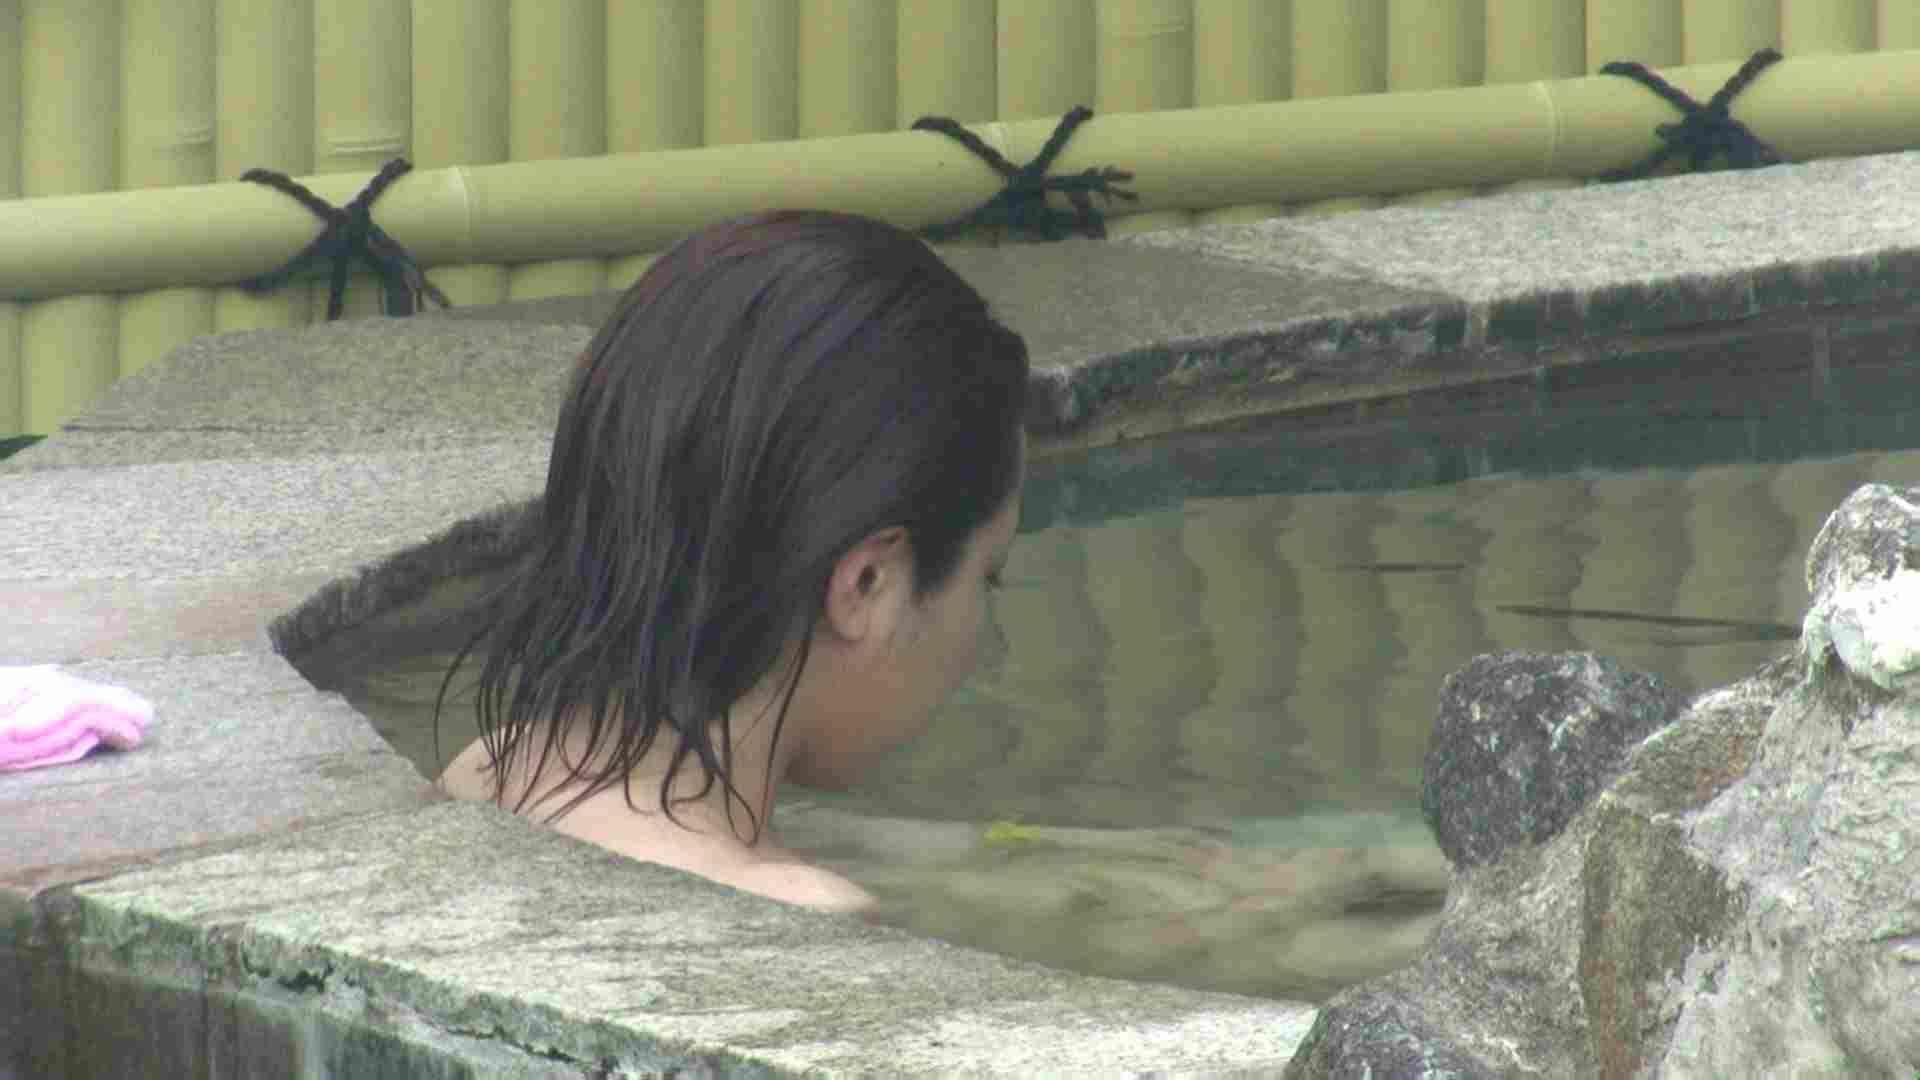 Aquaな露天風呂Vol.604 綺麗なOLたち   盗撮  111枚 73